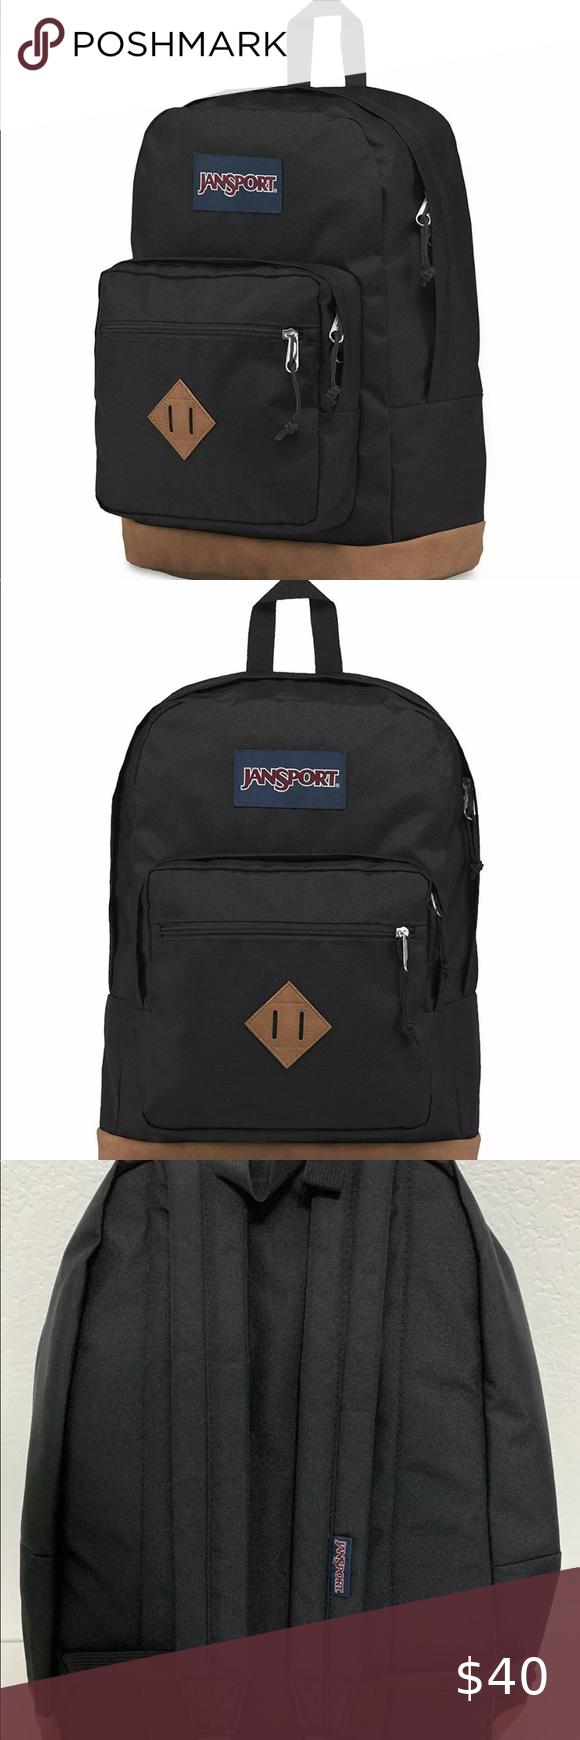 Jansport New Backpack Laptop Bag Jansport Laptop Bag Black Backpack